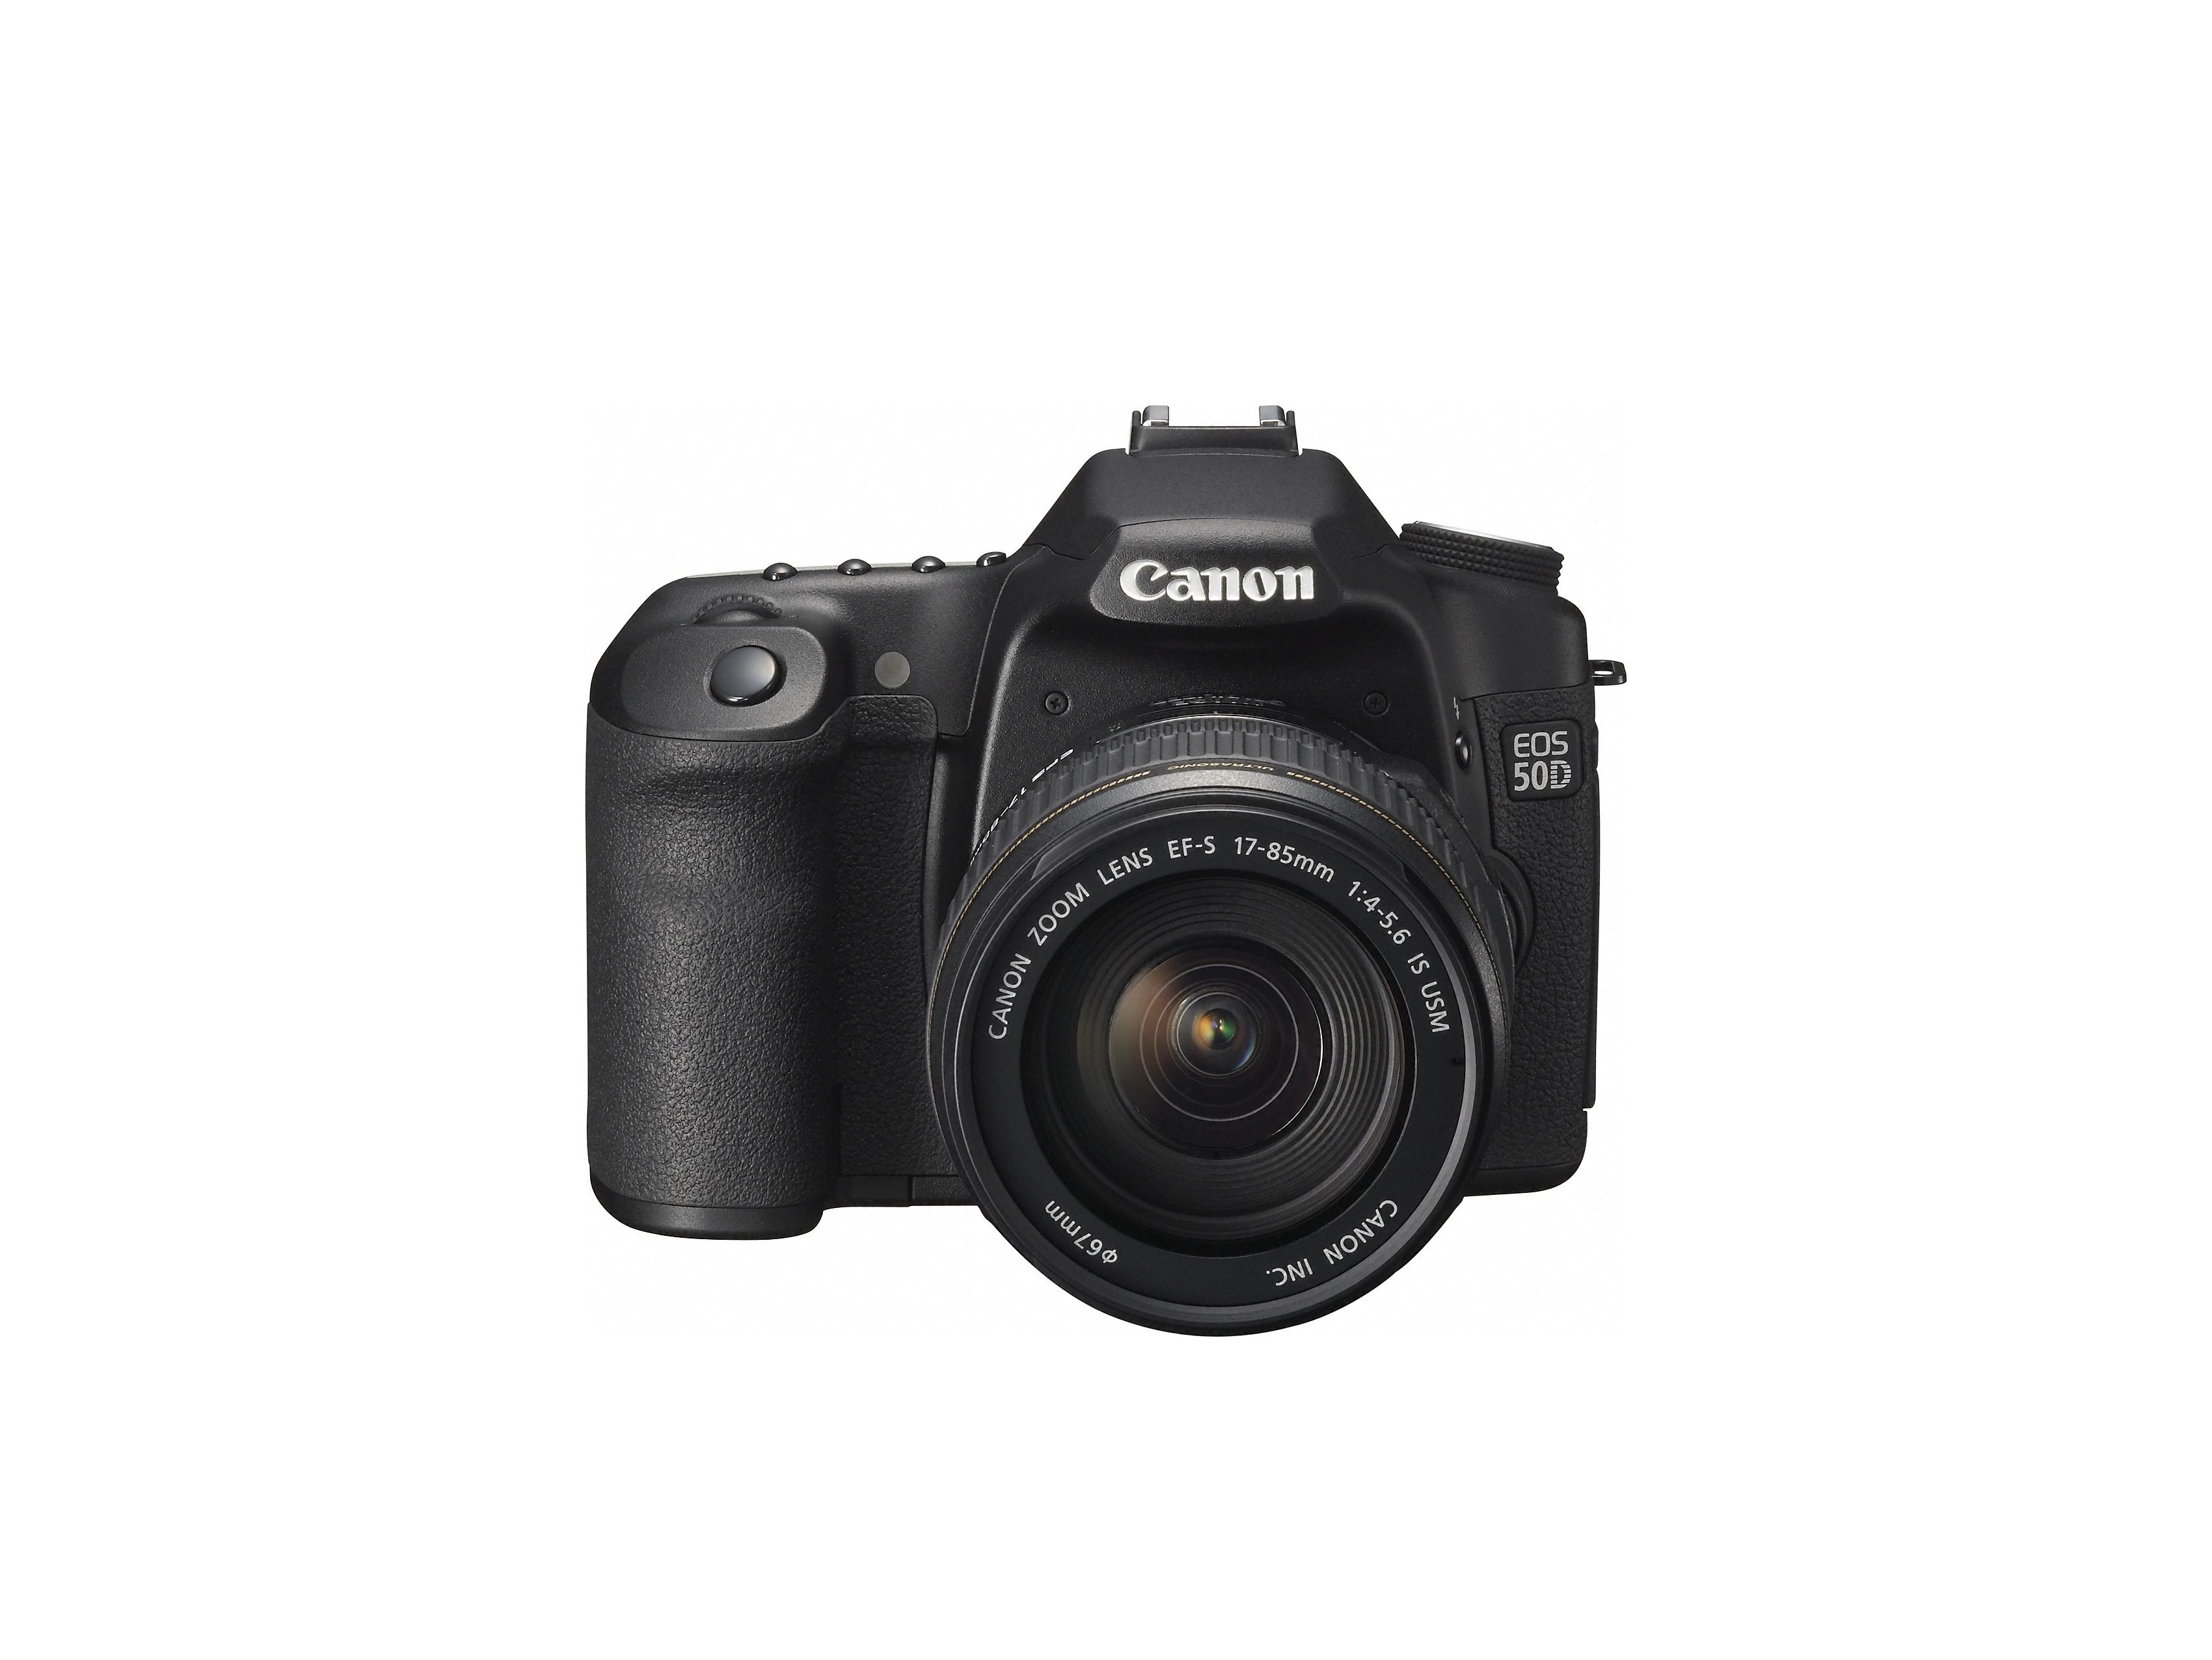 Hirez photos of the Canon EOS 50D